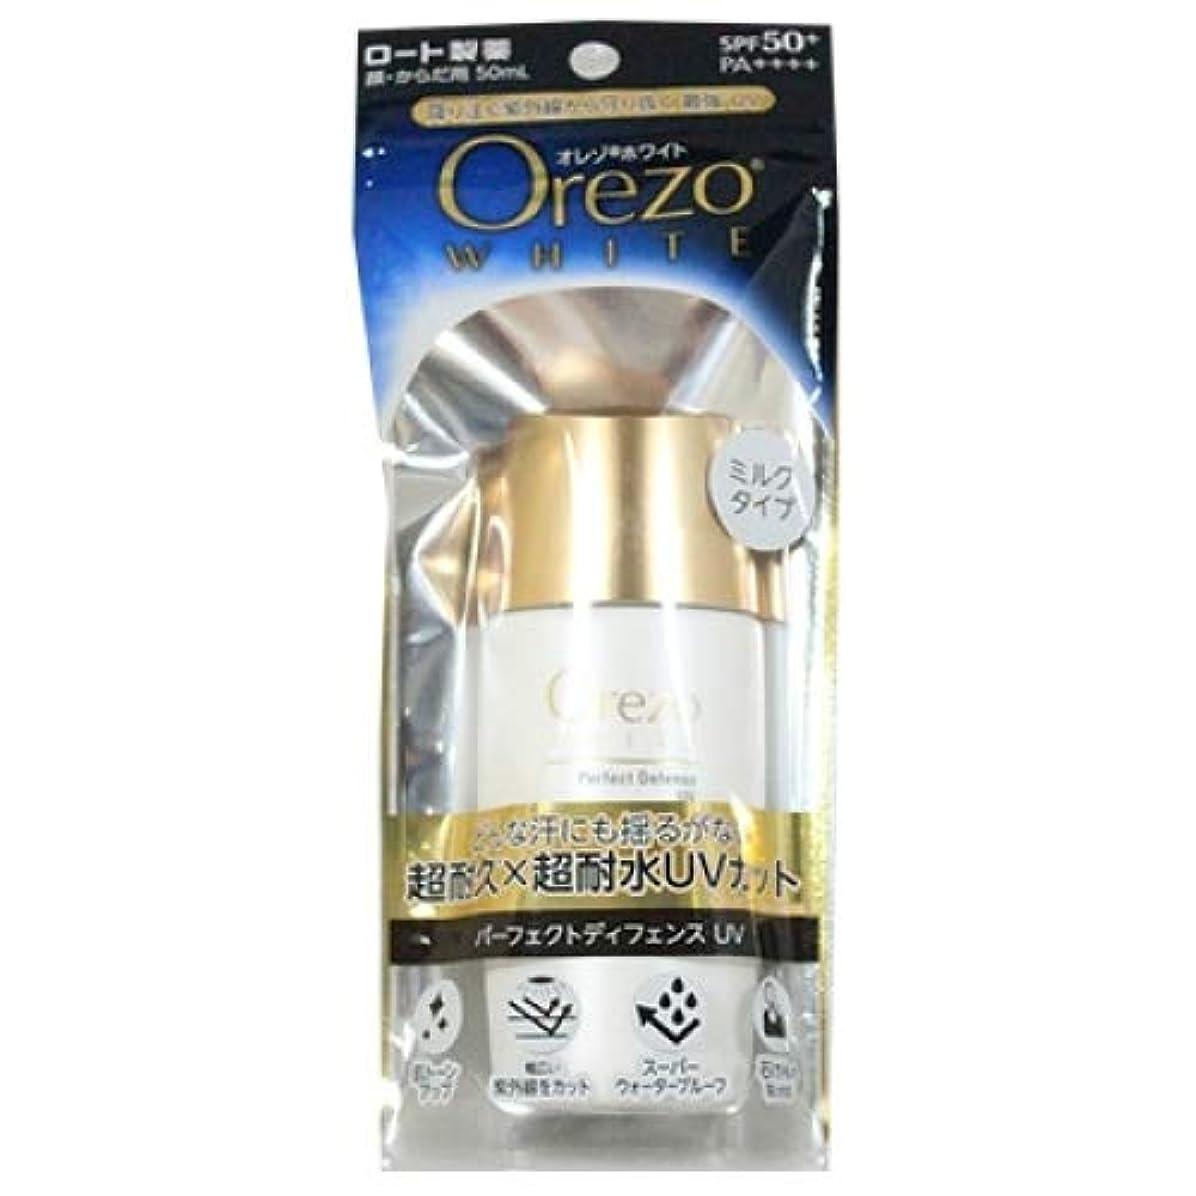 記念痴漢思い出させるロート製薬 Orezo オレゾ ホワイト パーフェクトディフェンスUVa SPF50+ PA++++ (50mL)